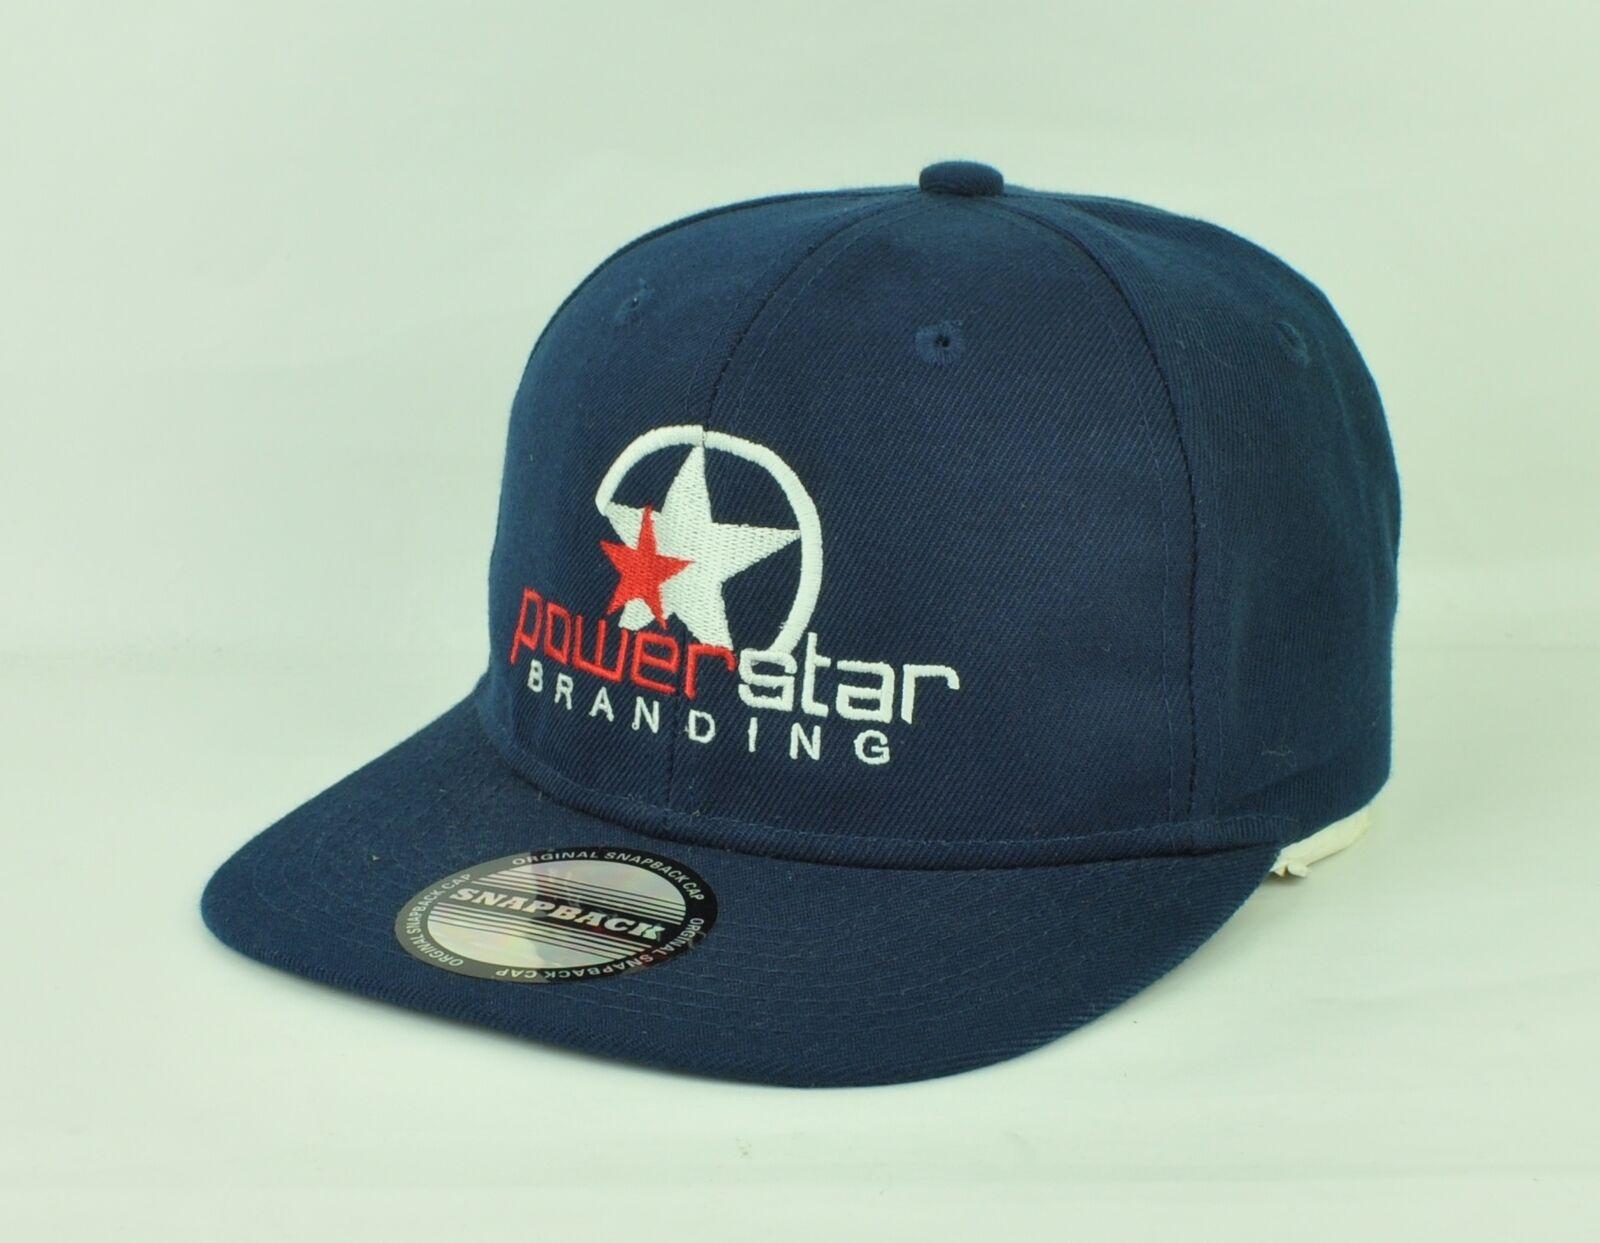 Power Star Branding Logo PBS Flat Bill Adjustable Snapback Hat Hat Snapback Cap Navy Blue ee0431